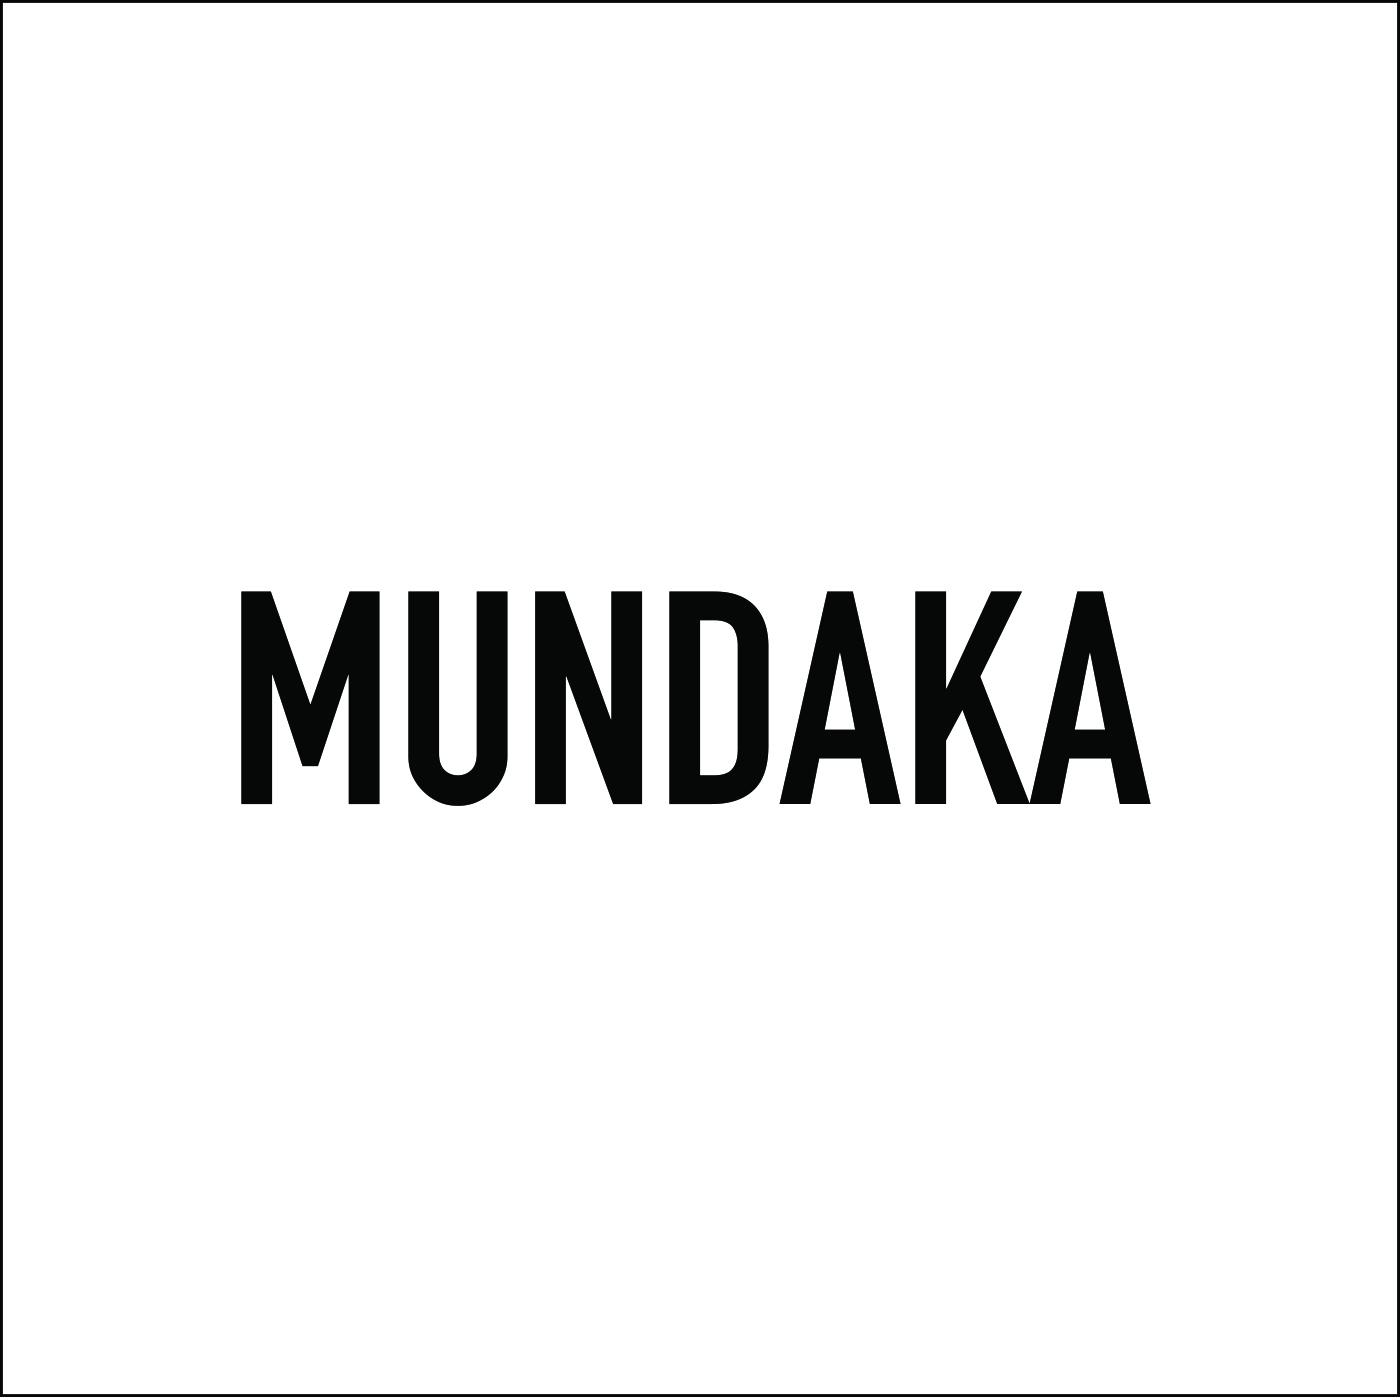 mundakastudio,mundaka,西班牙,簡約,MUNDAKA,簡約服飾,西班牙設計師,西班牙選貨